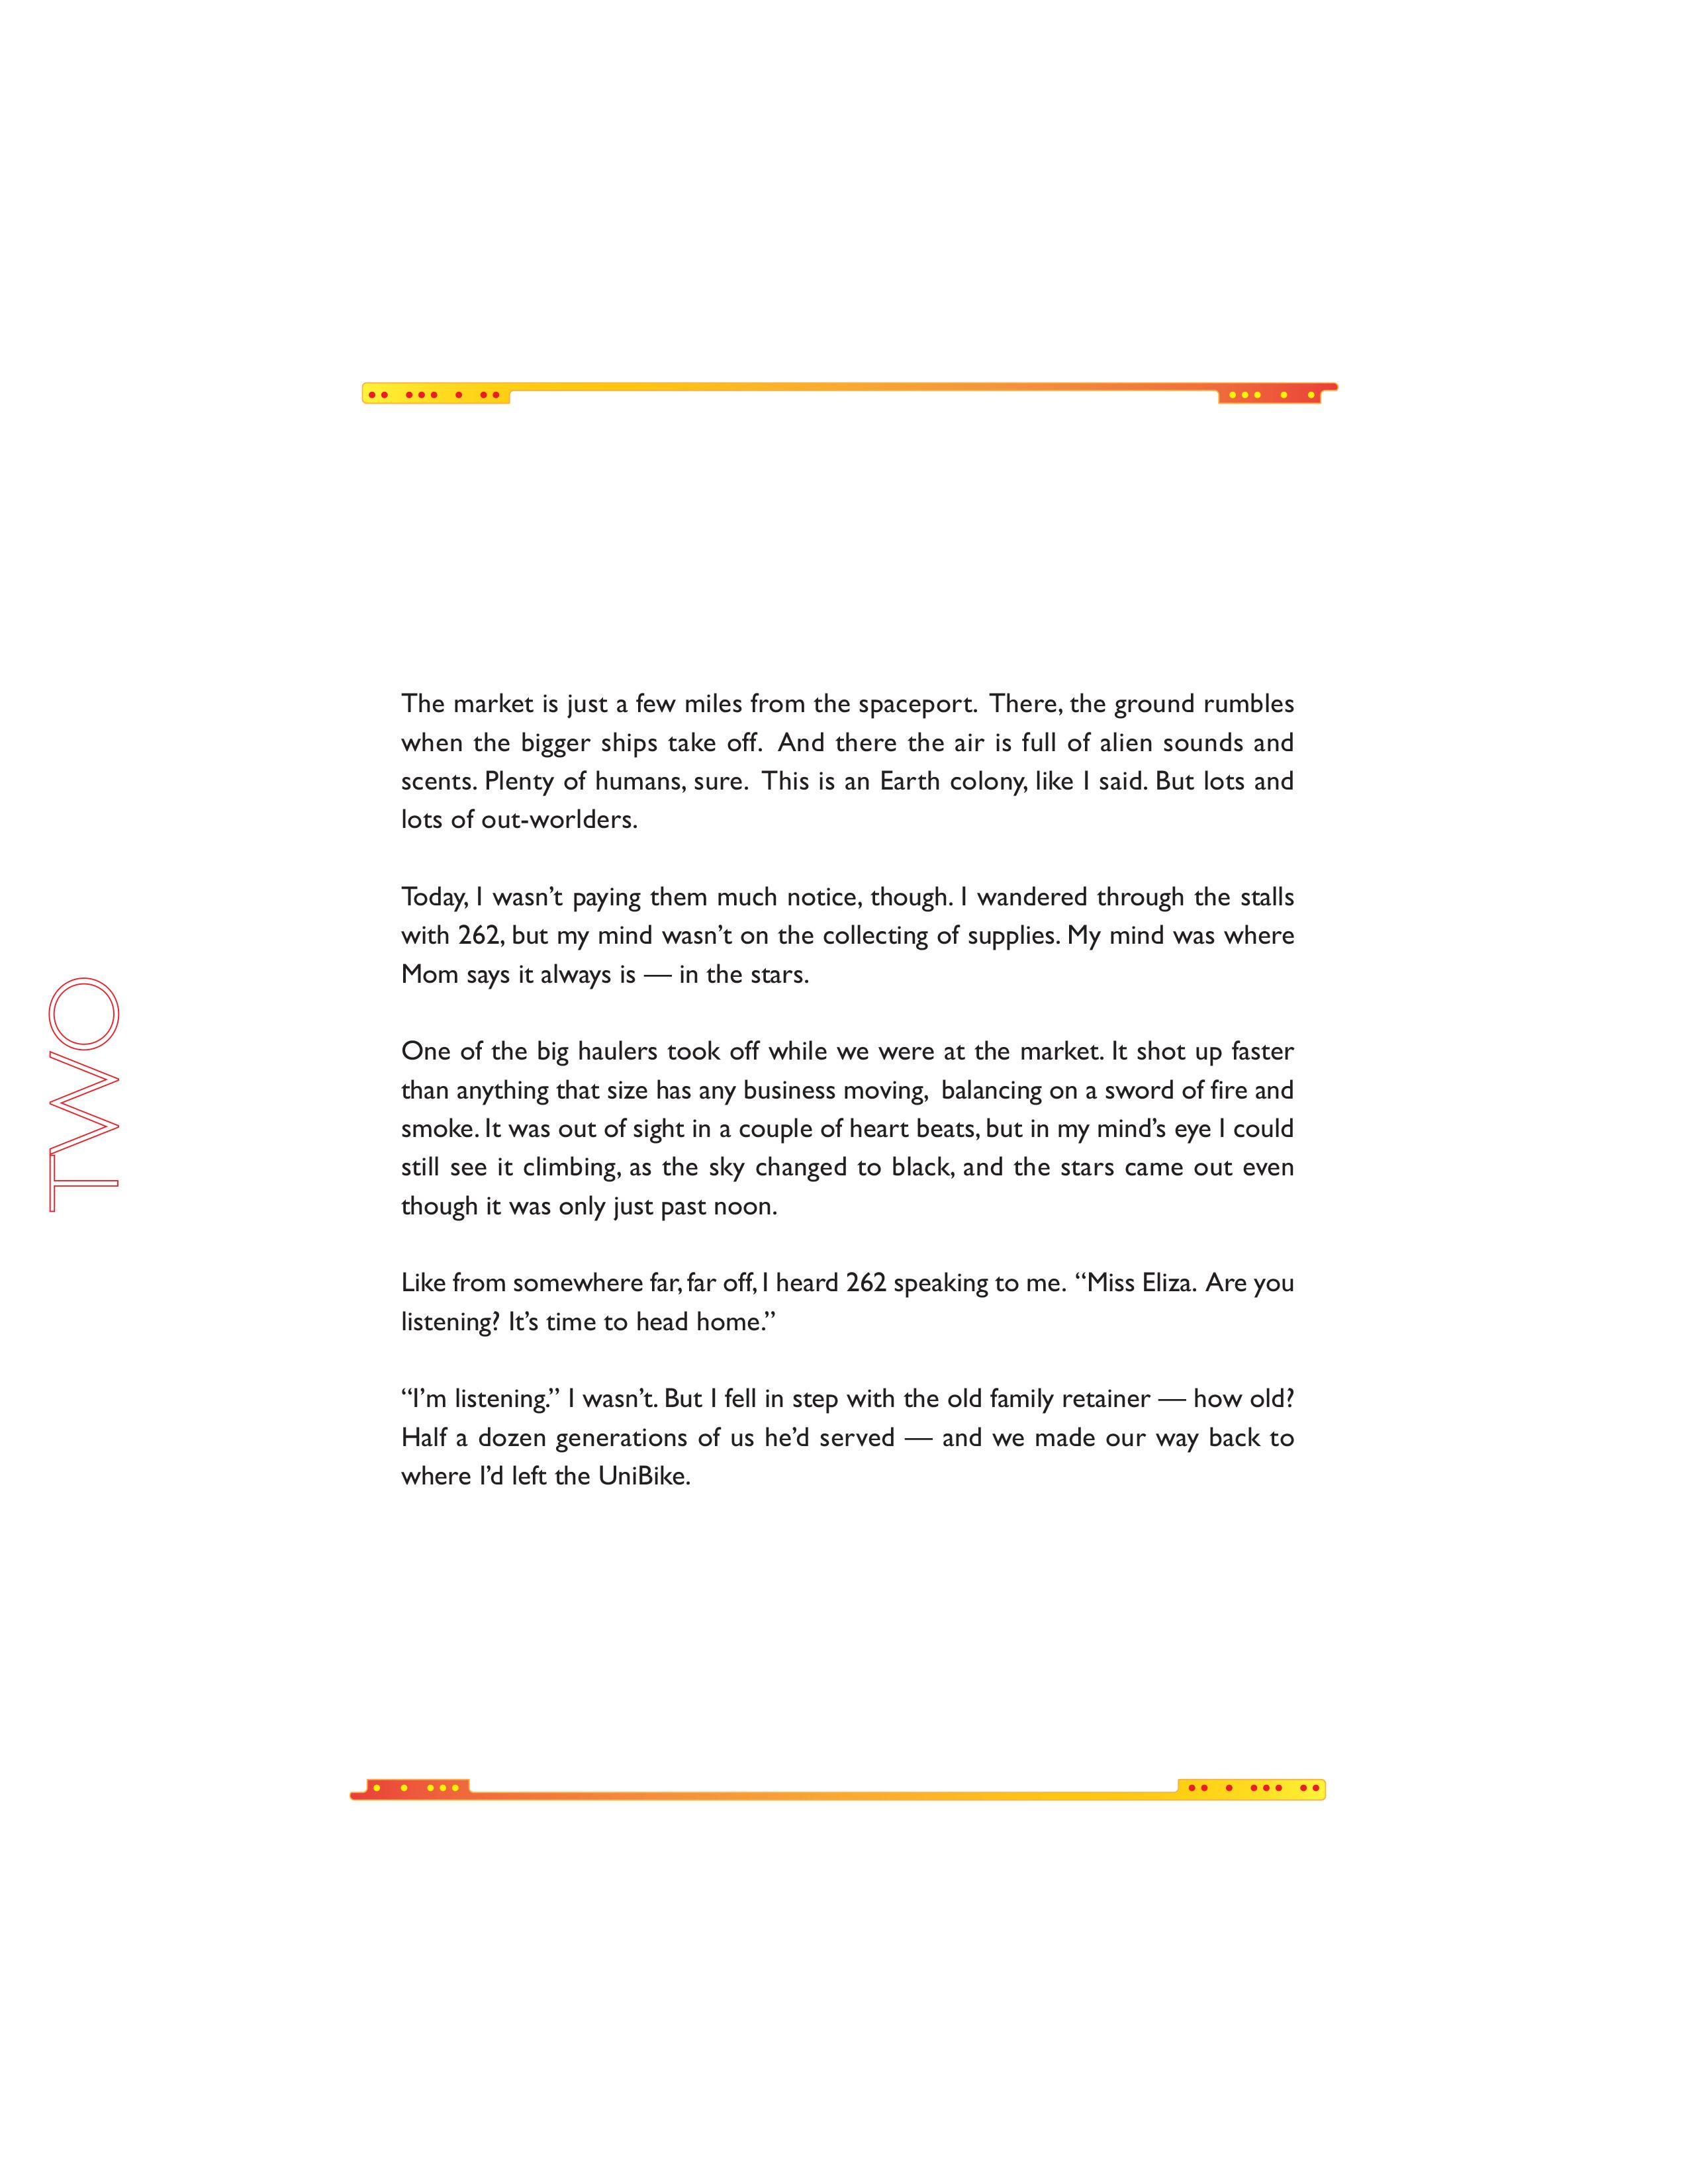 约翰·拜恩的明星偷渡者(2018-): Chapter 1 - Page 约翰·拜恩的明星偷渡者(2018-)